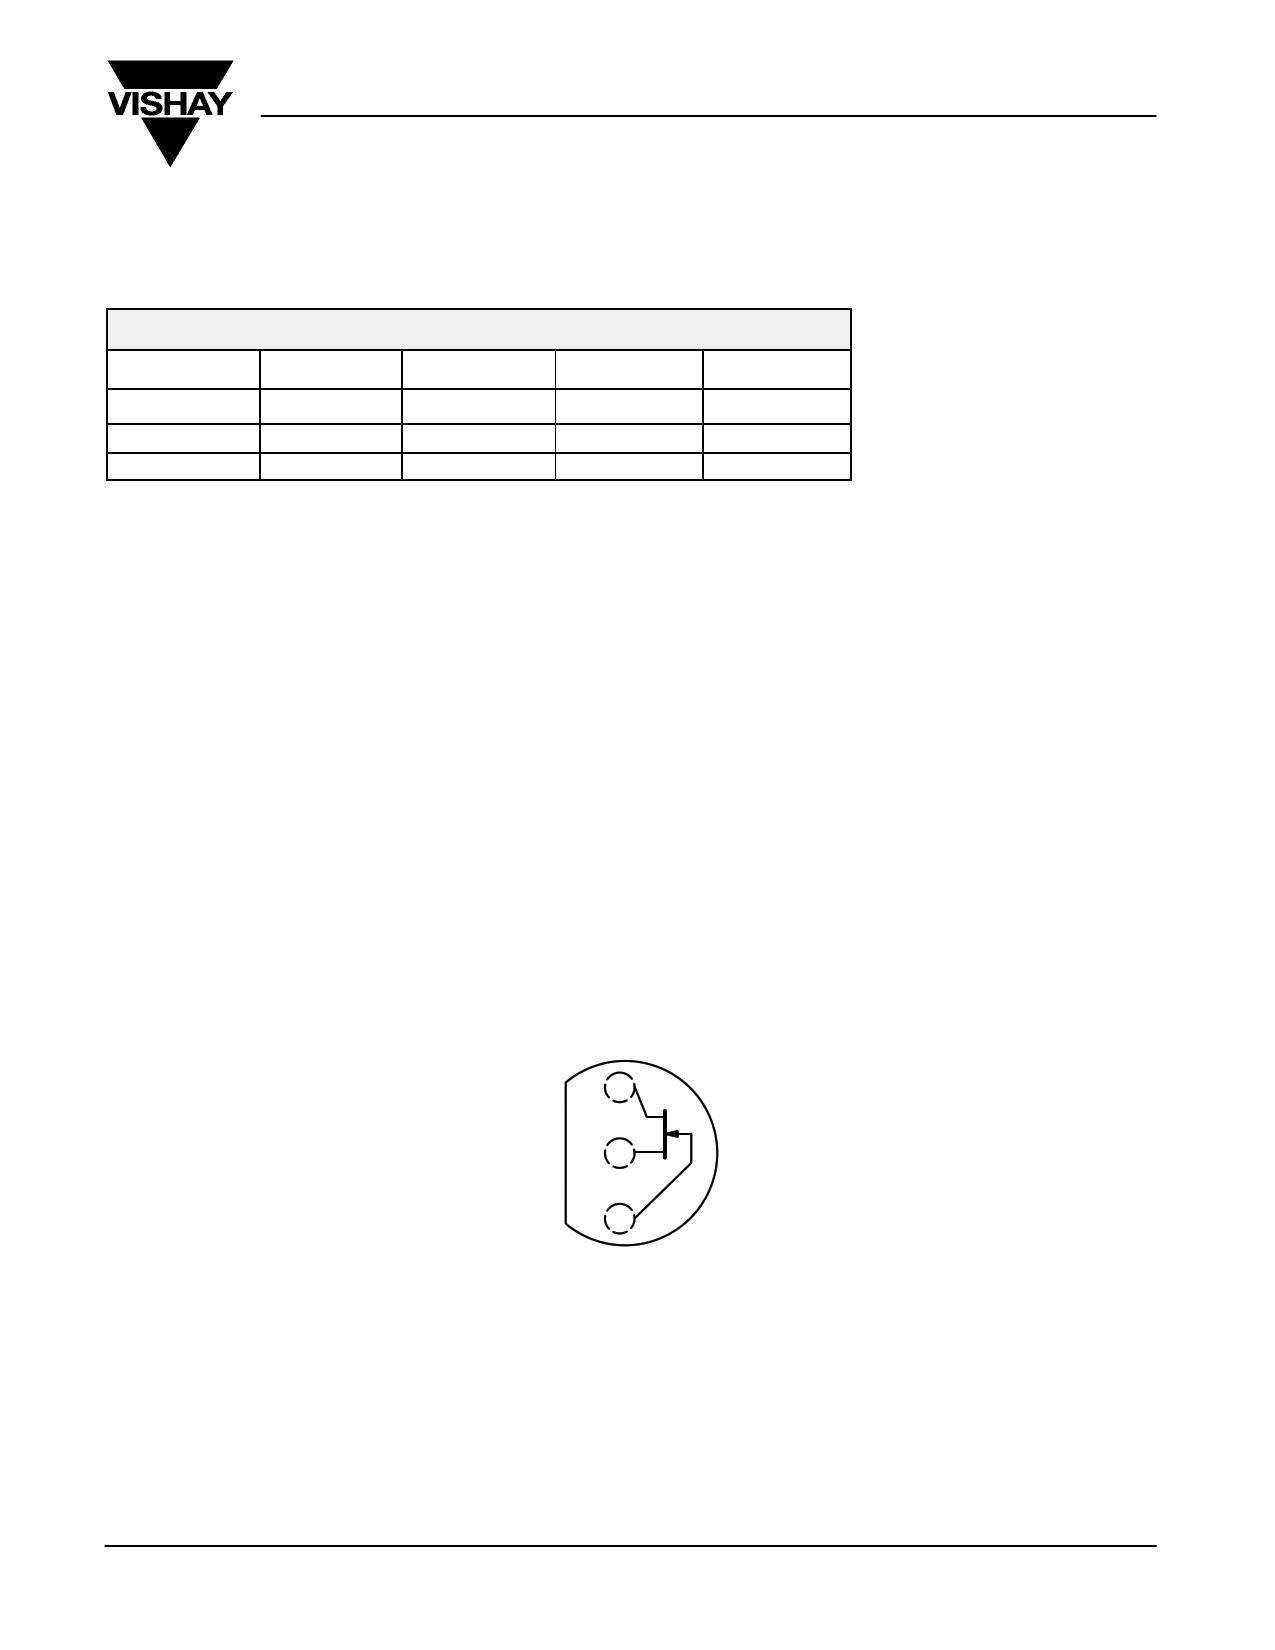 J107 datasheet